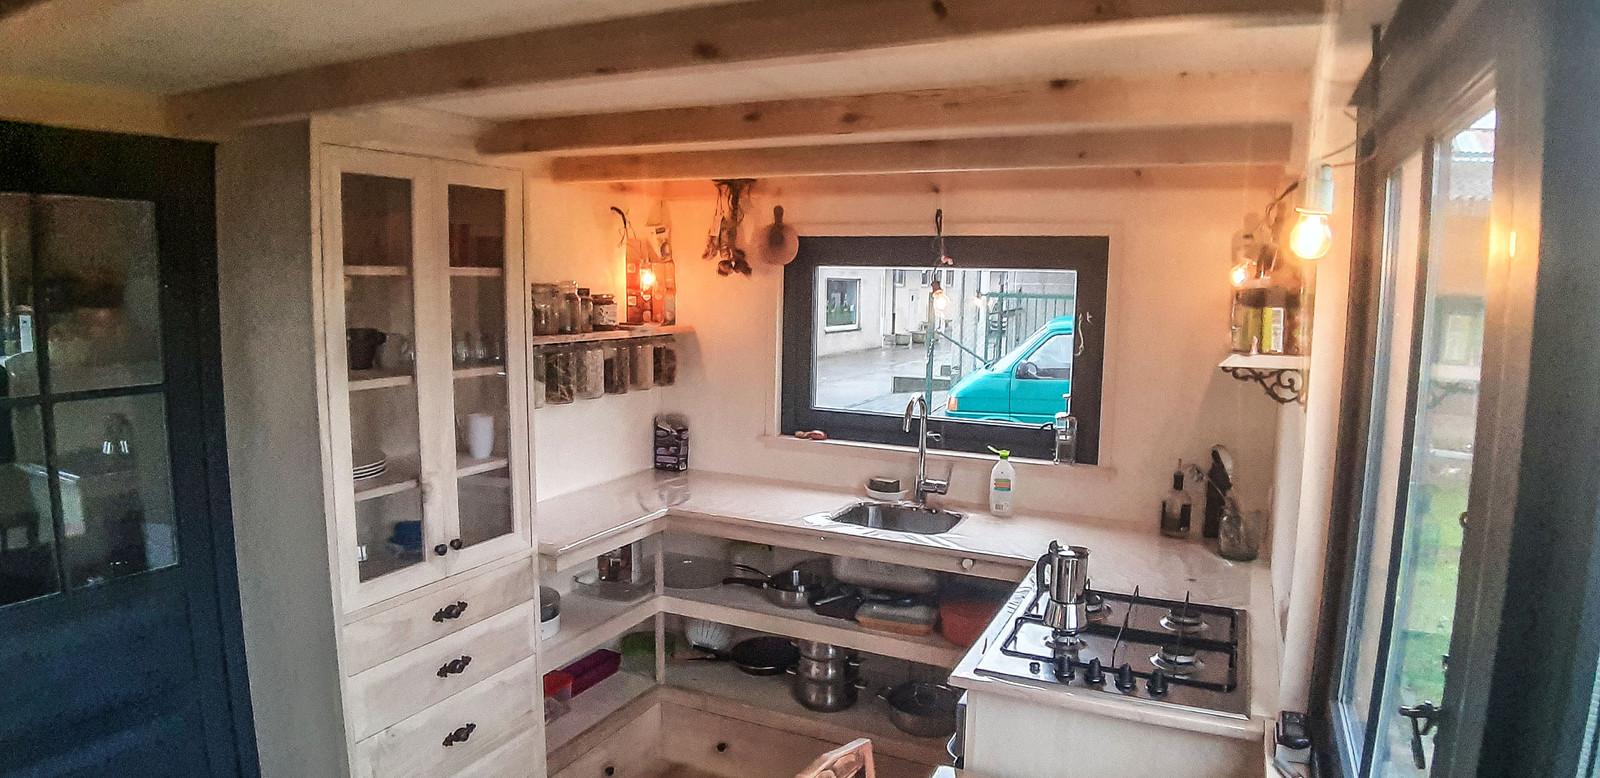 In het huisje is alles te vinden wat in een gewone woning te vinden is, alleen is er minder ruimte.